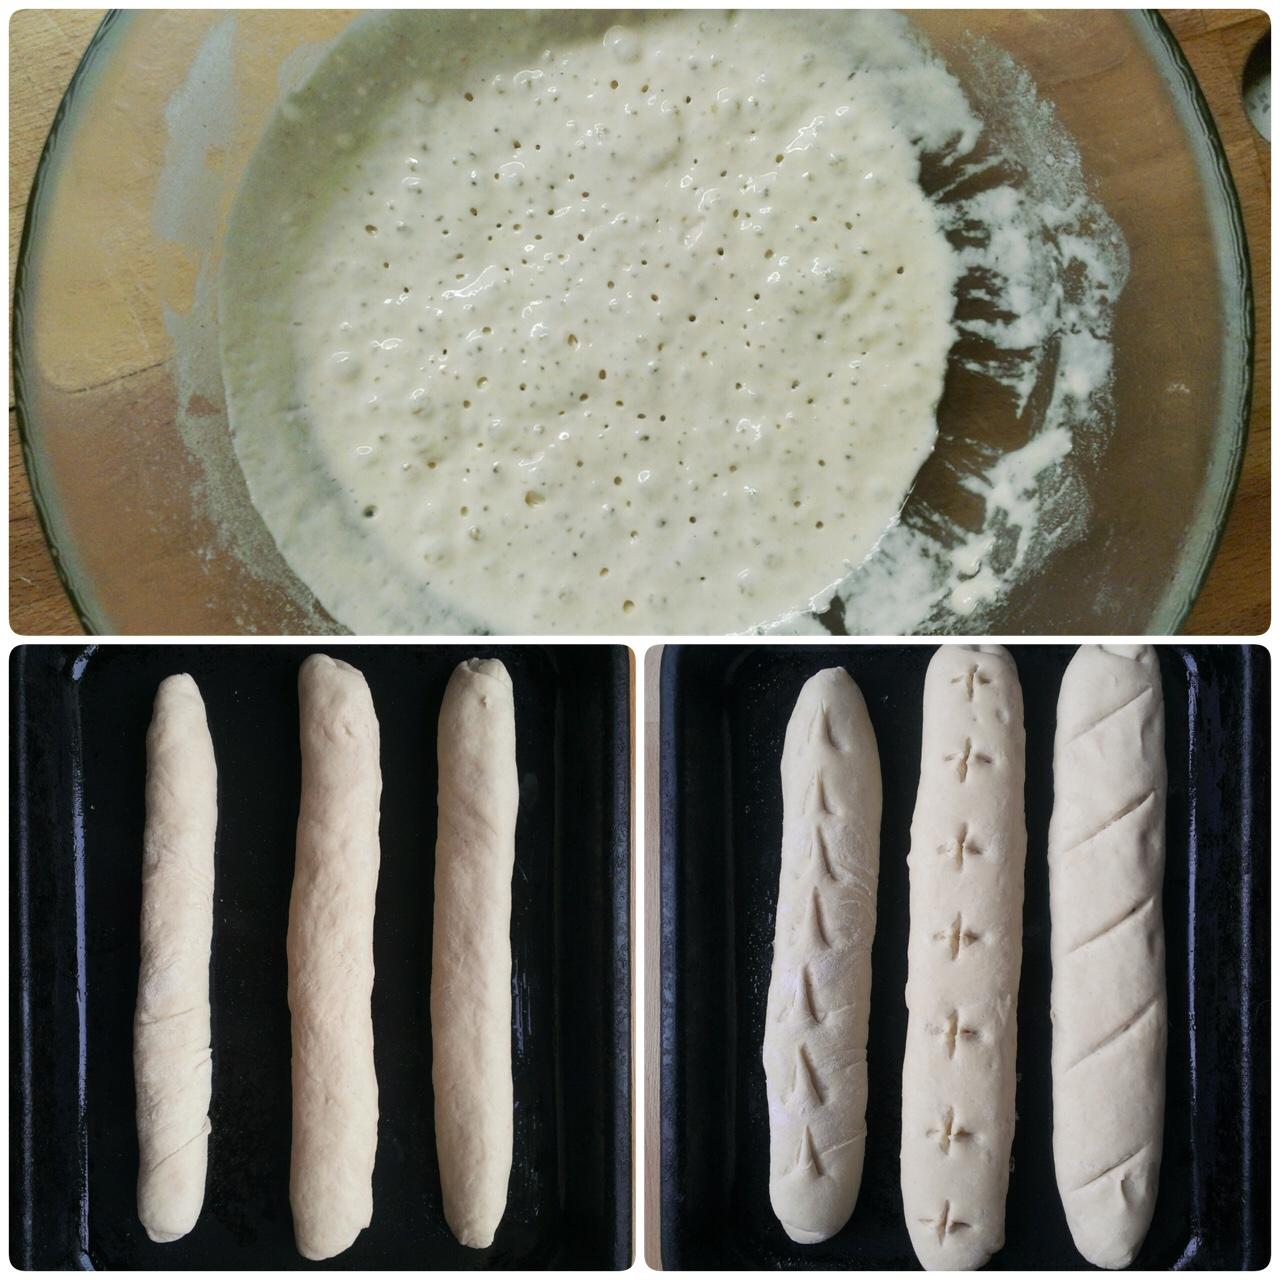 Paté fermentée